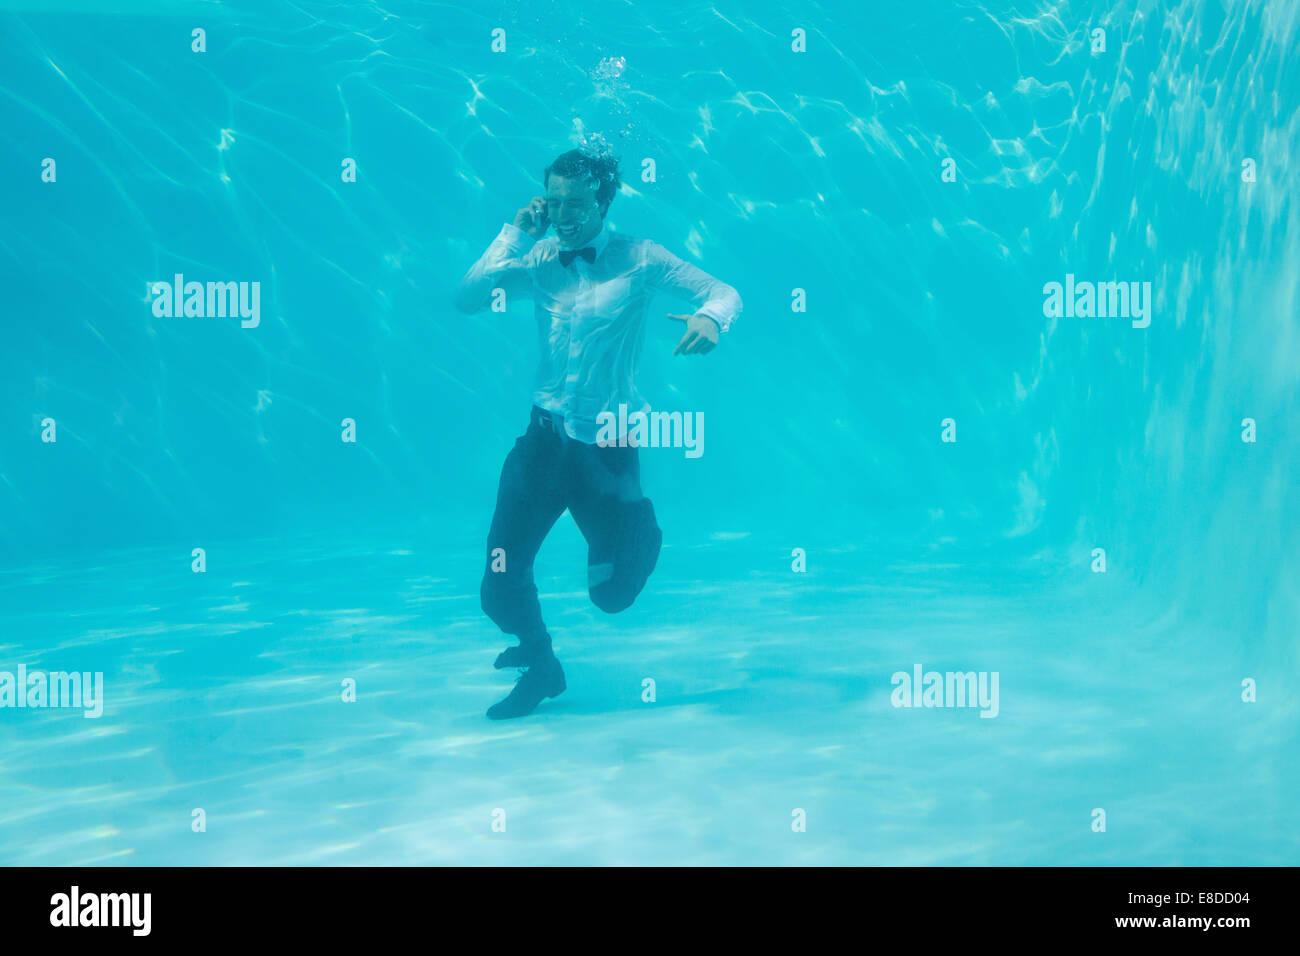 Joven nadar Imagen De Stock